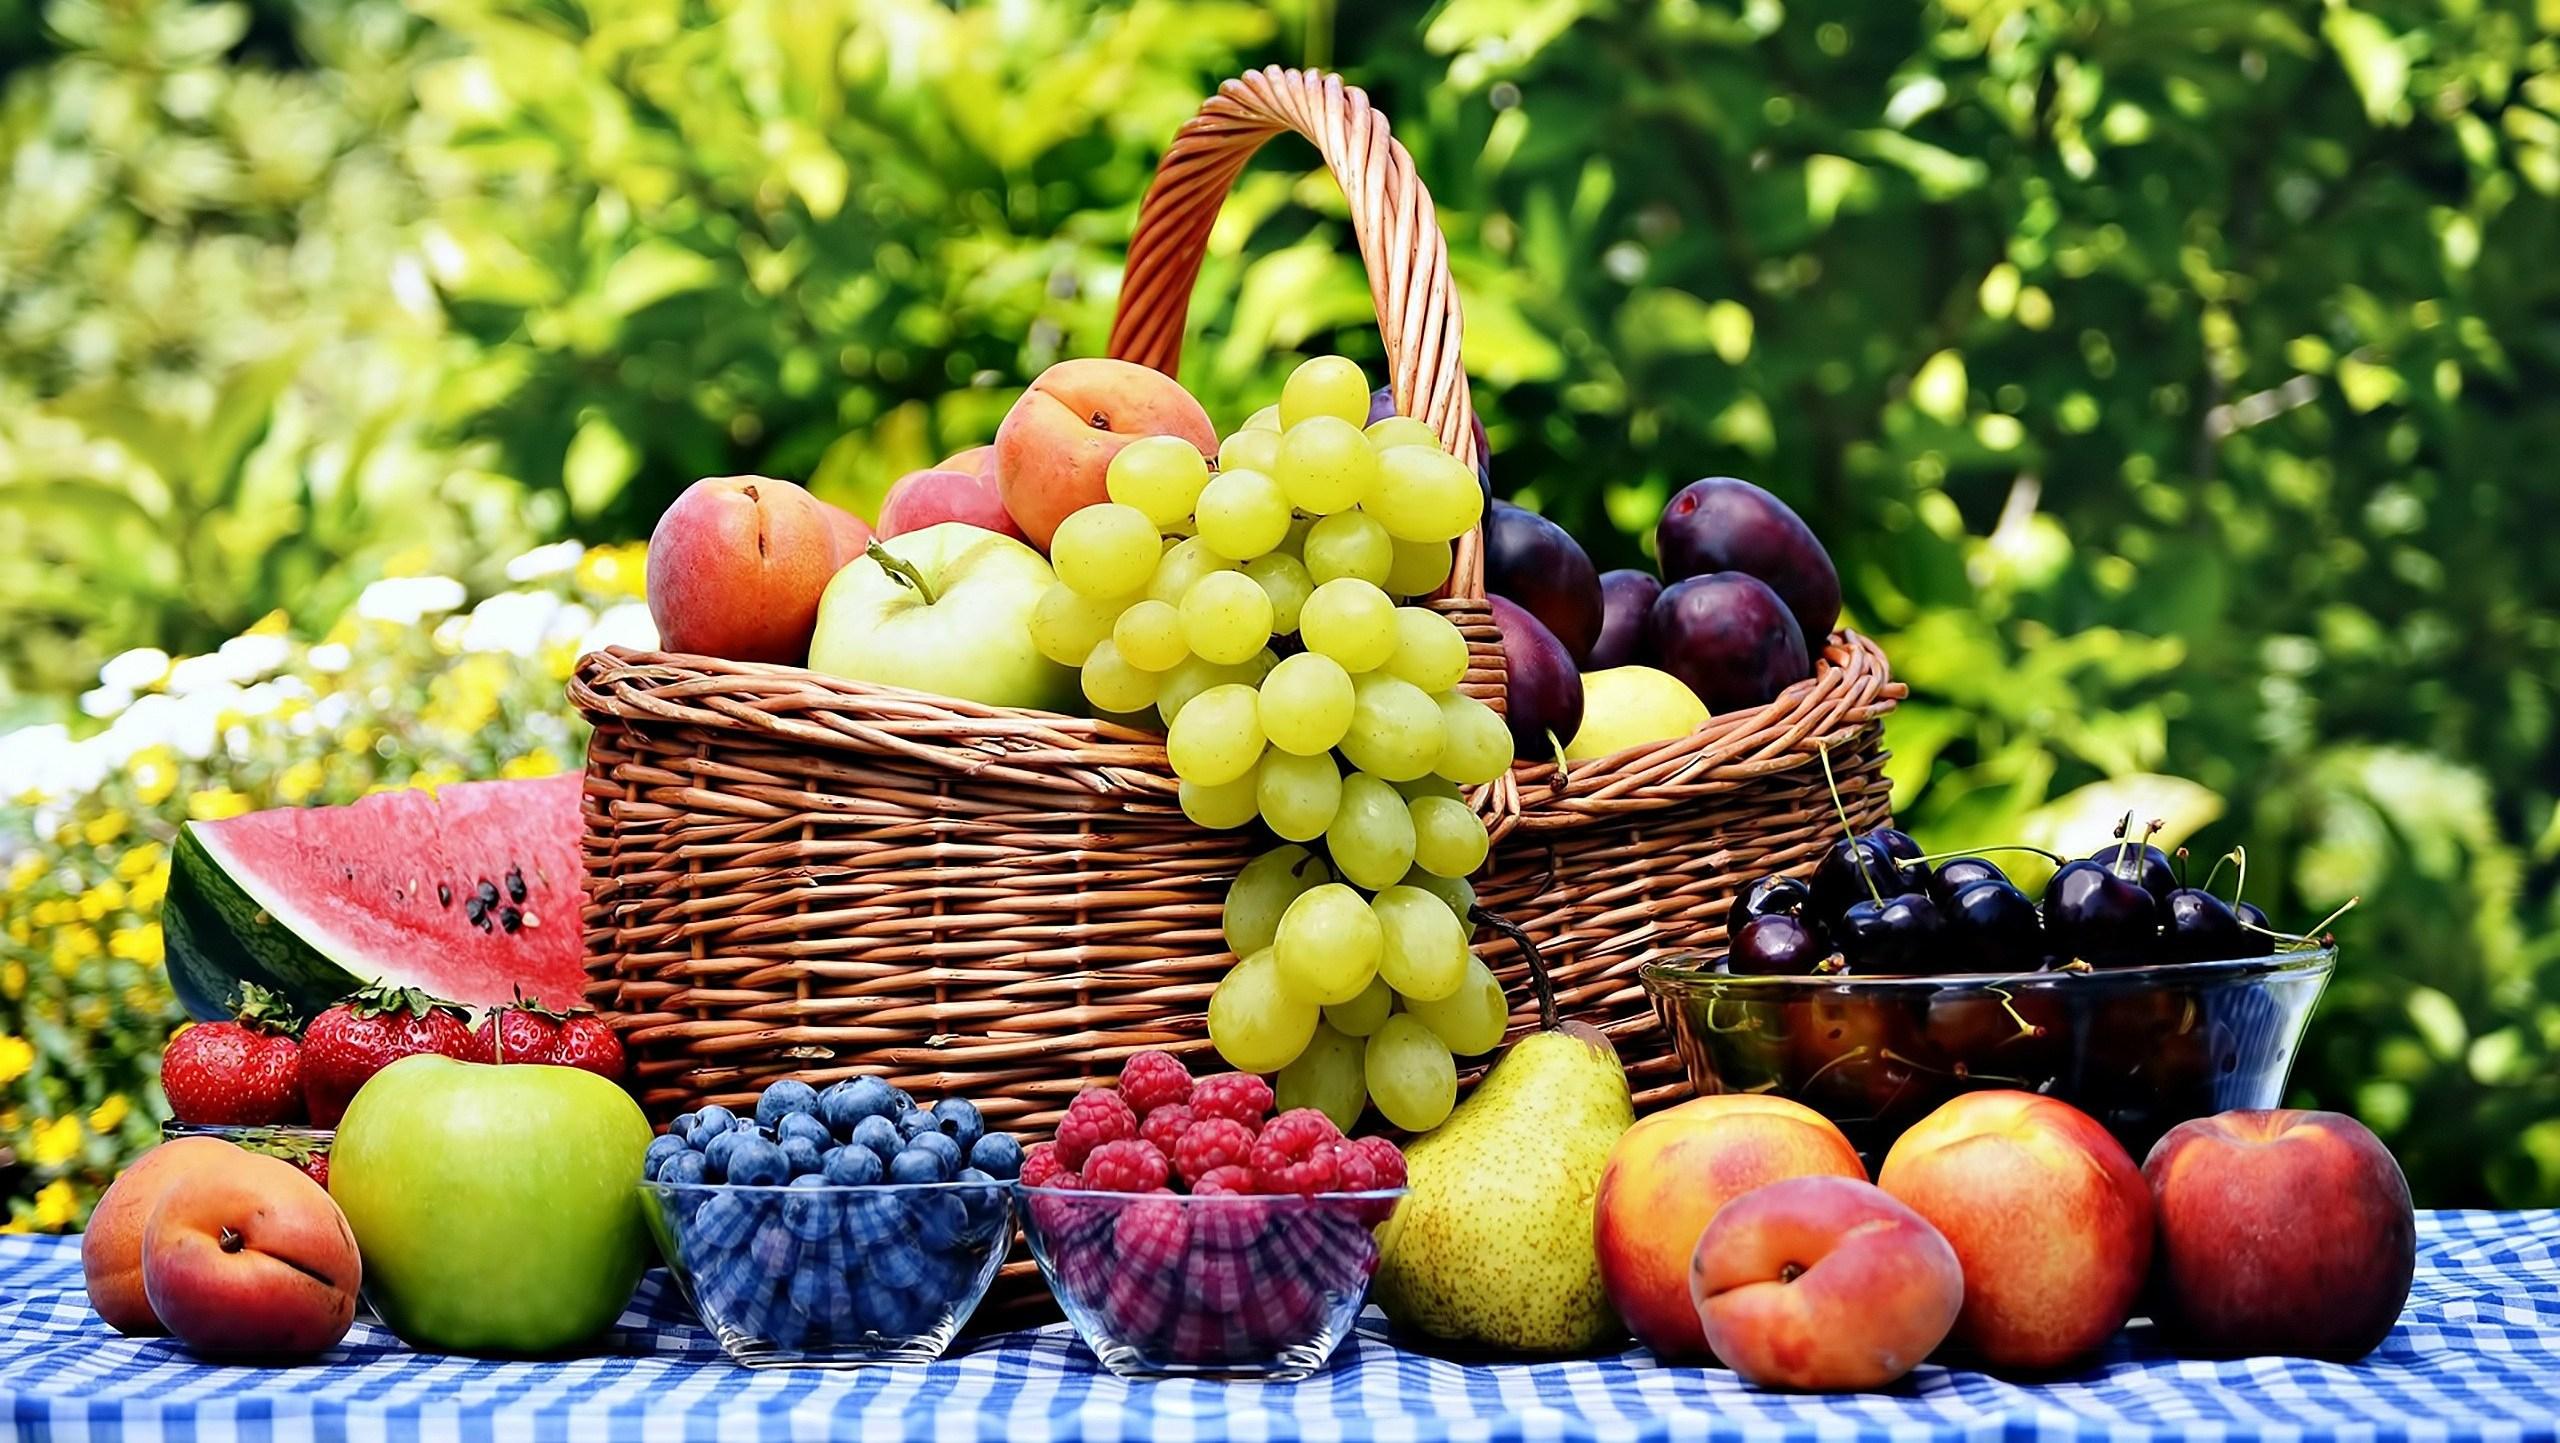 Урожайность фруктов и ягод 2017